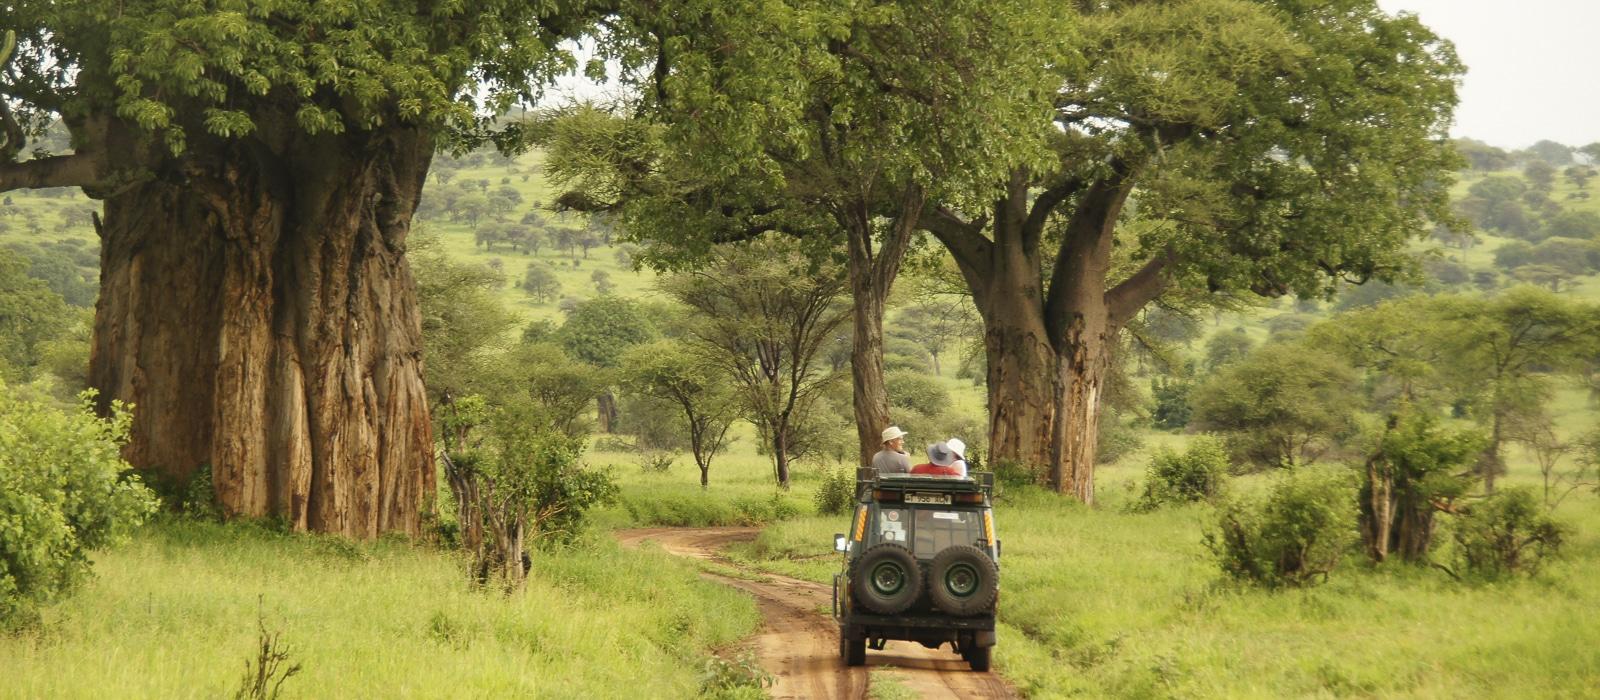 Voyage organisé en petit groupe - Parc Tarangire baobabs - Tanzanie - Agence de voyage Les Routes du Monde